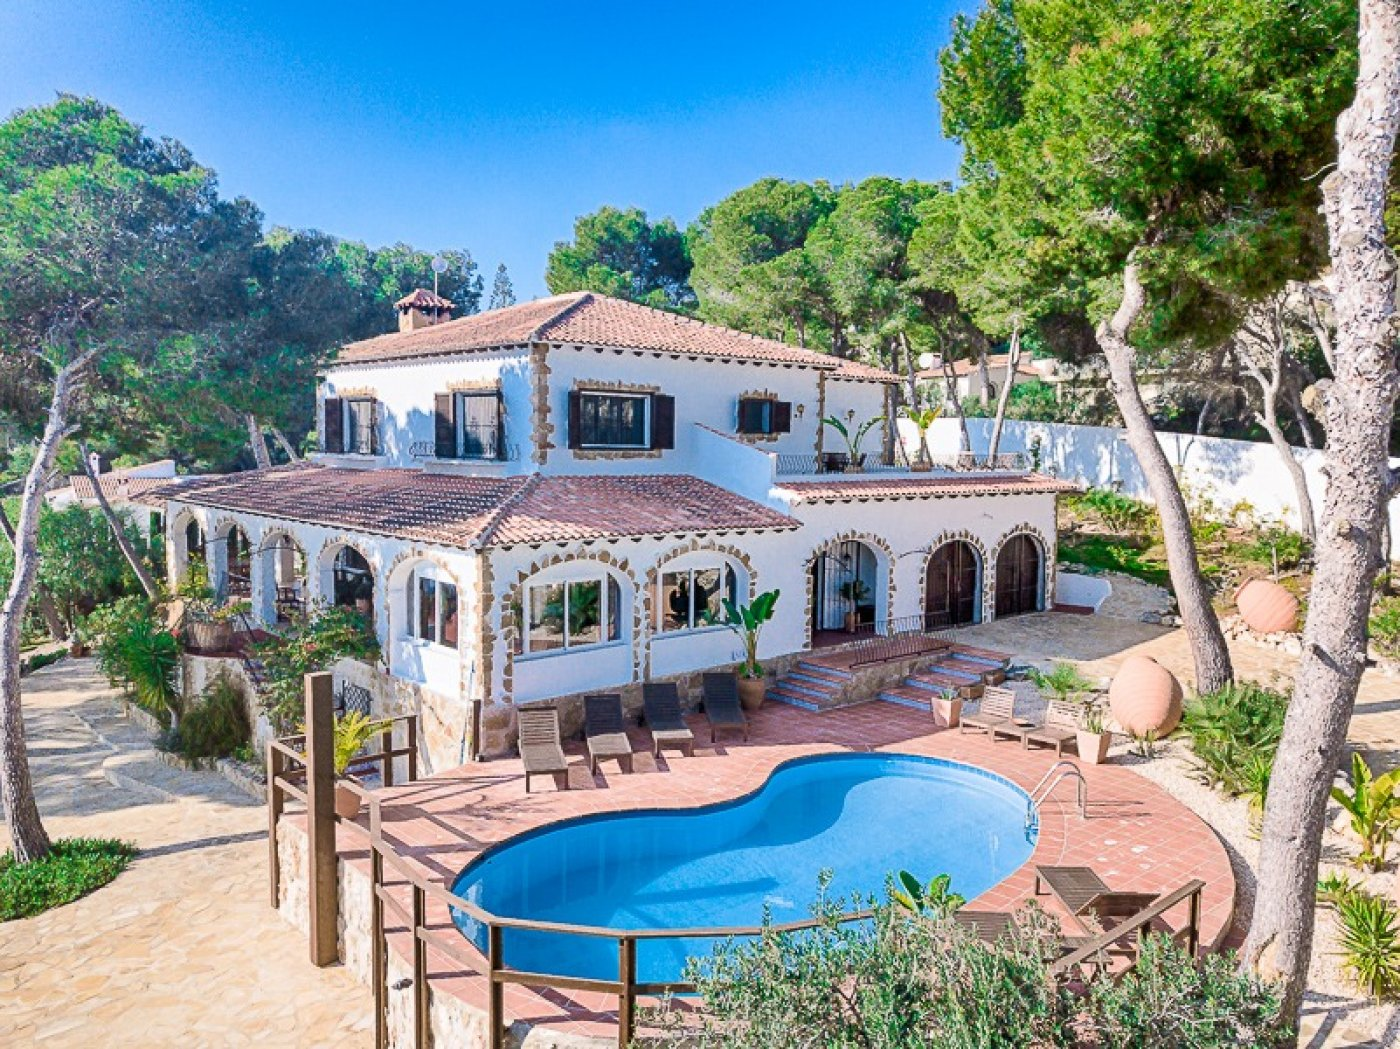 Estate Agents Moraira – Property for sale in Moraira – Country Estate – El Bosque – Moraira